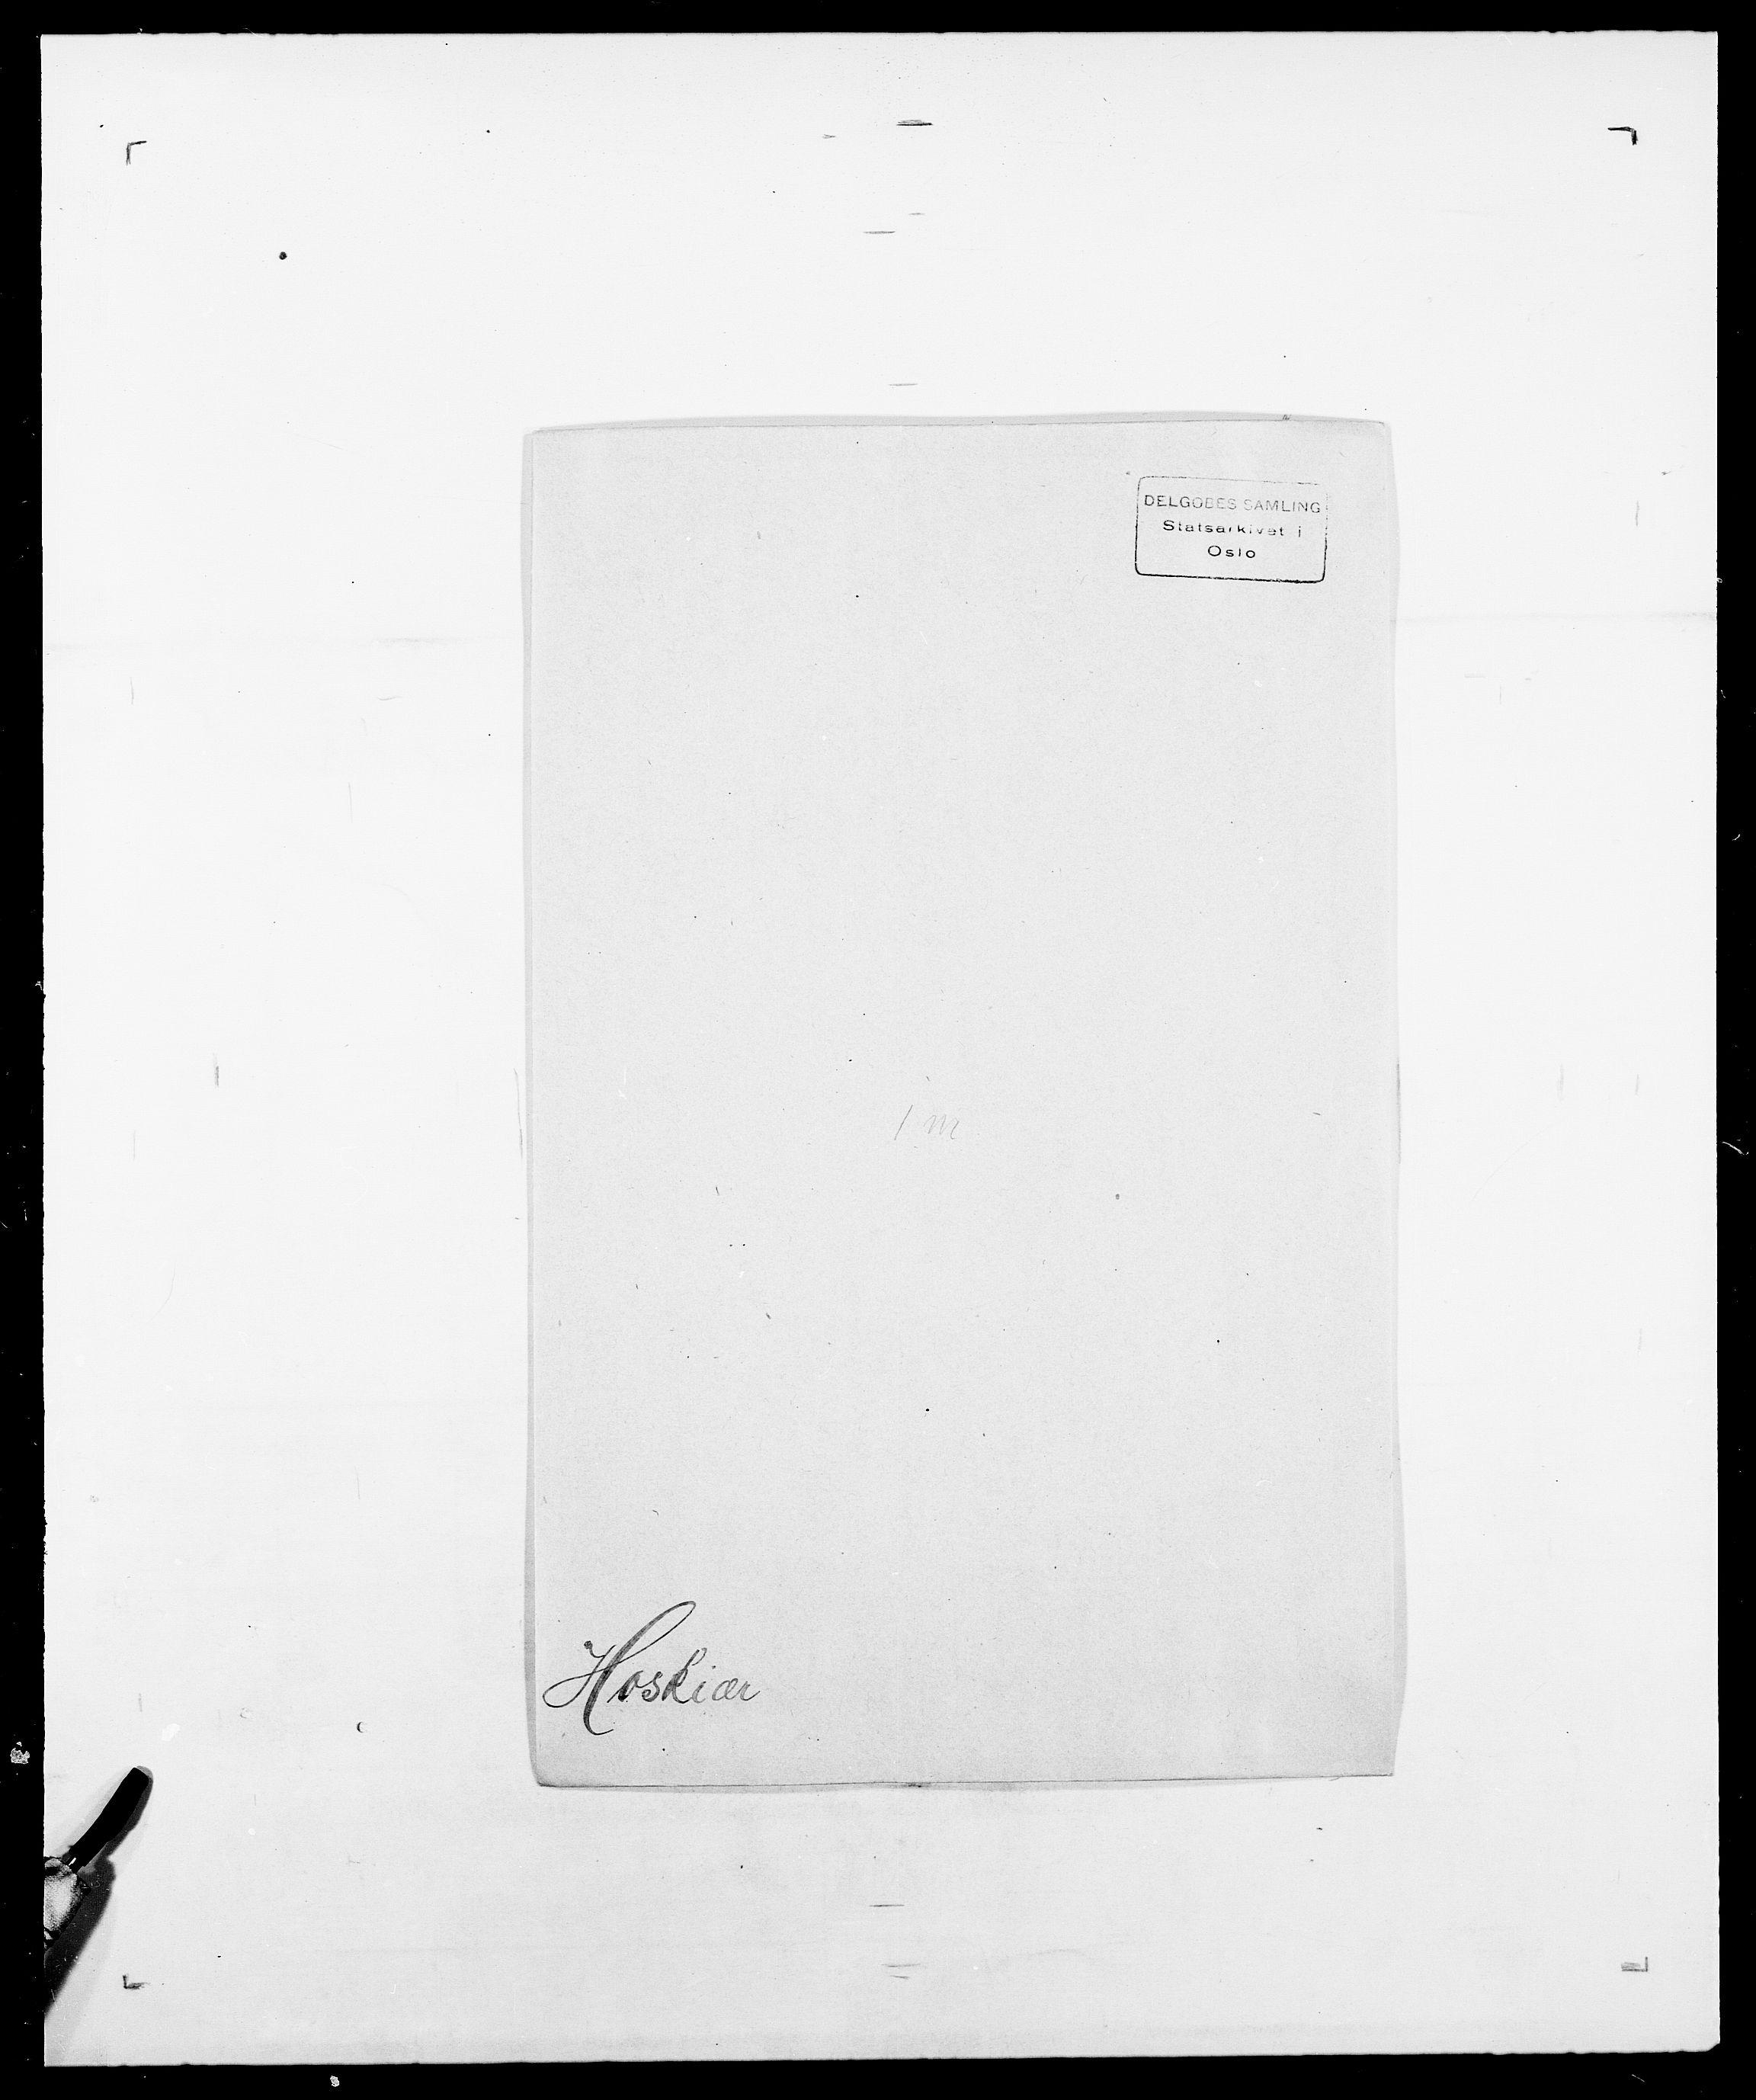 SAO, Delgobe, Charles Antoine - samling, D/Da/L0018: Hoch - Howert, s. 1000